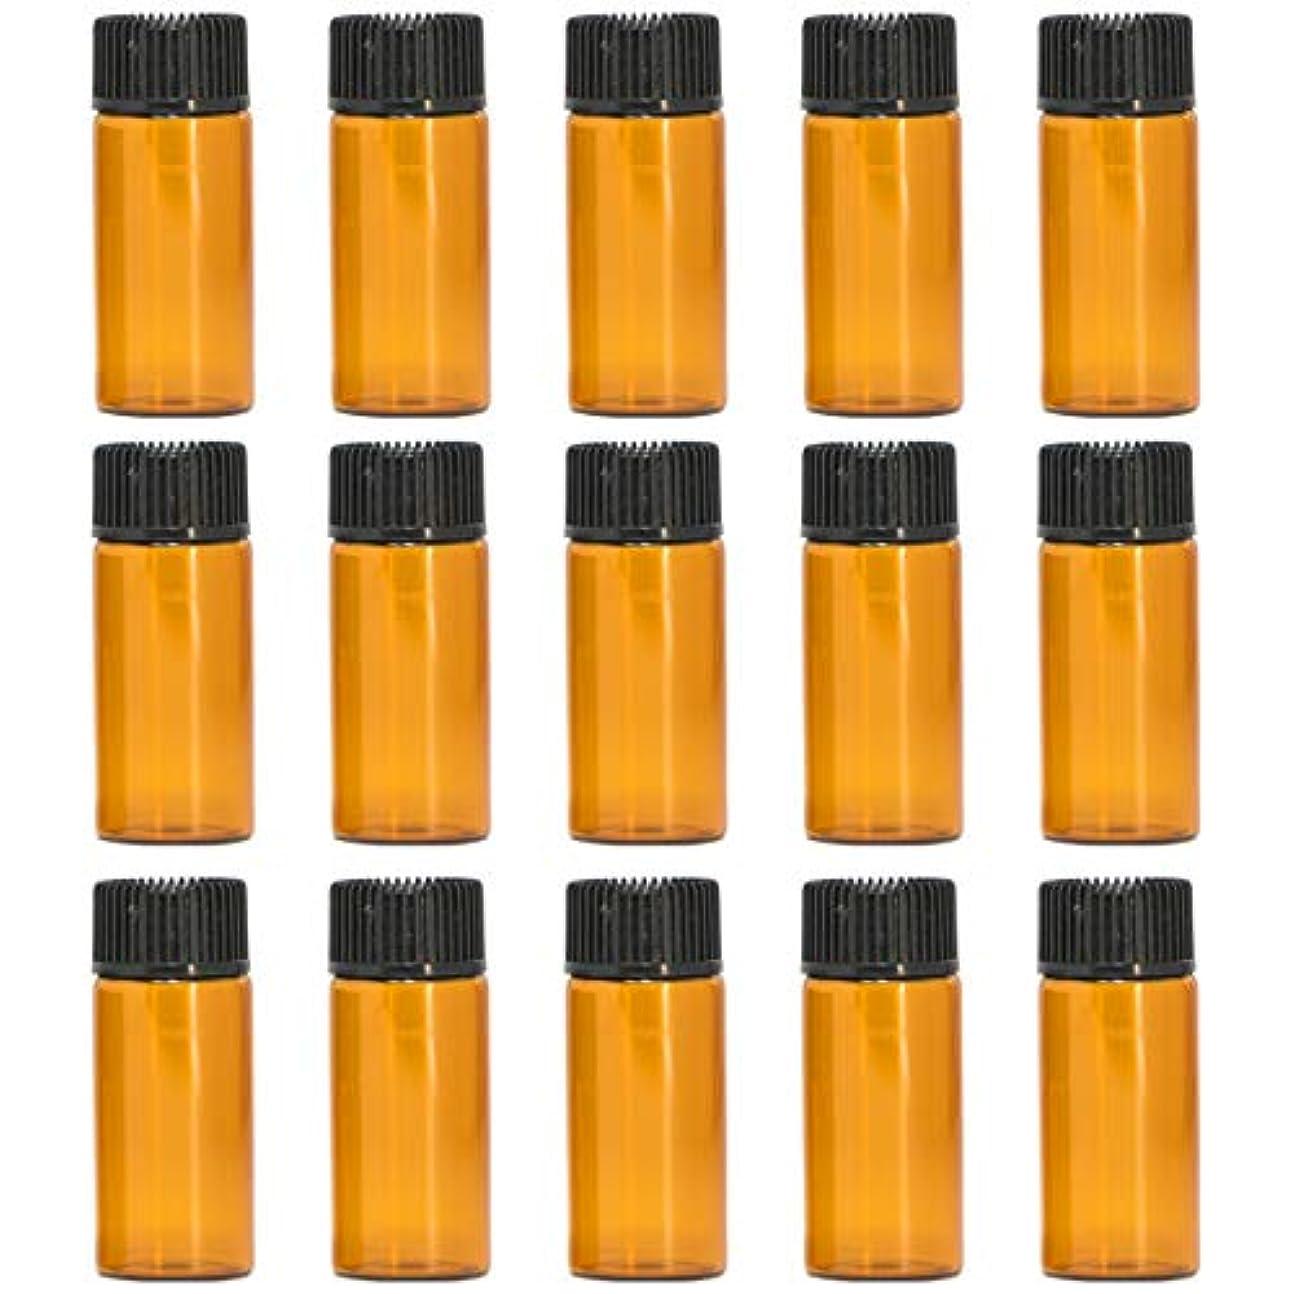 アロマオイル 精油 遮光瓶 遮光ビン ガラスボトル ガラス製 エッセンシャルオイル 保存用 保存容器詰め替え 茶色 ブラウン (5ml?15本セット))予備入り